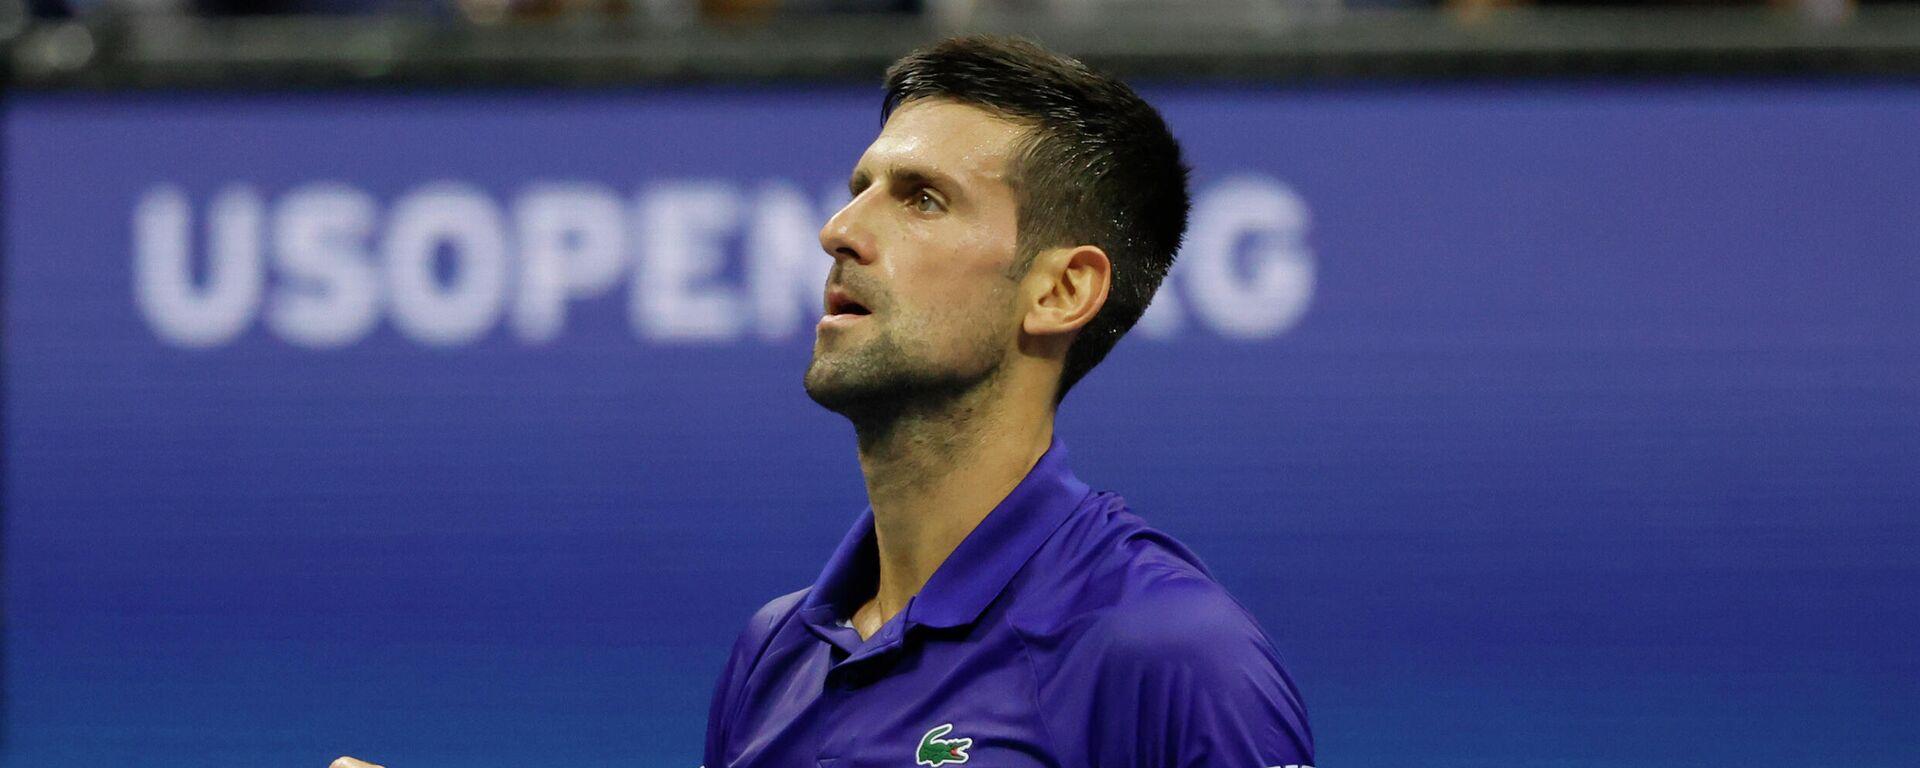 Najbolji teniser sveta Novak Đoković - Sputnik Srbija, 1920, 09.09.2021